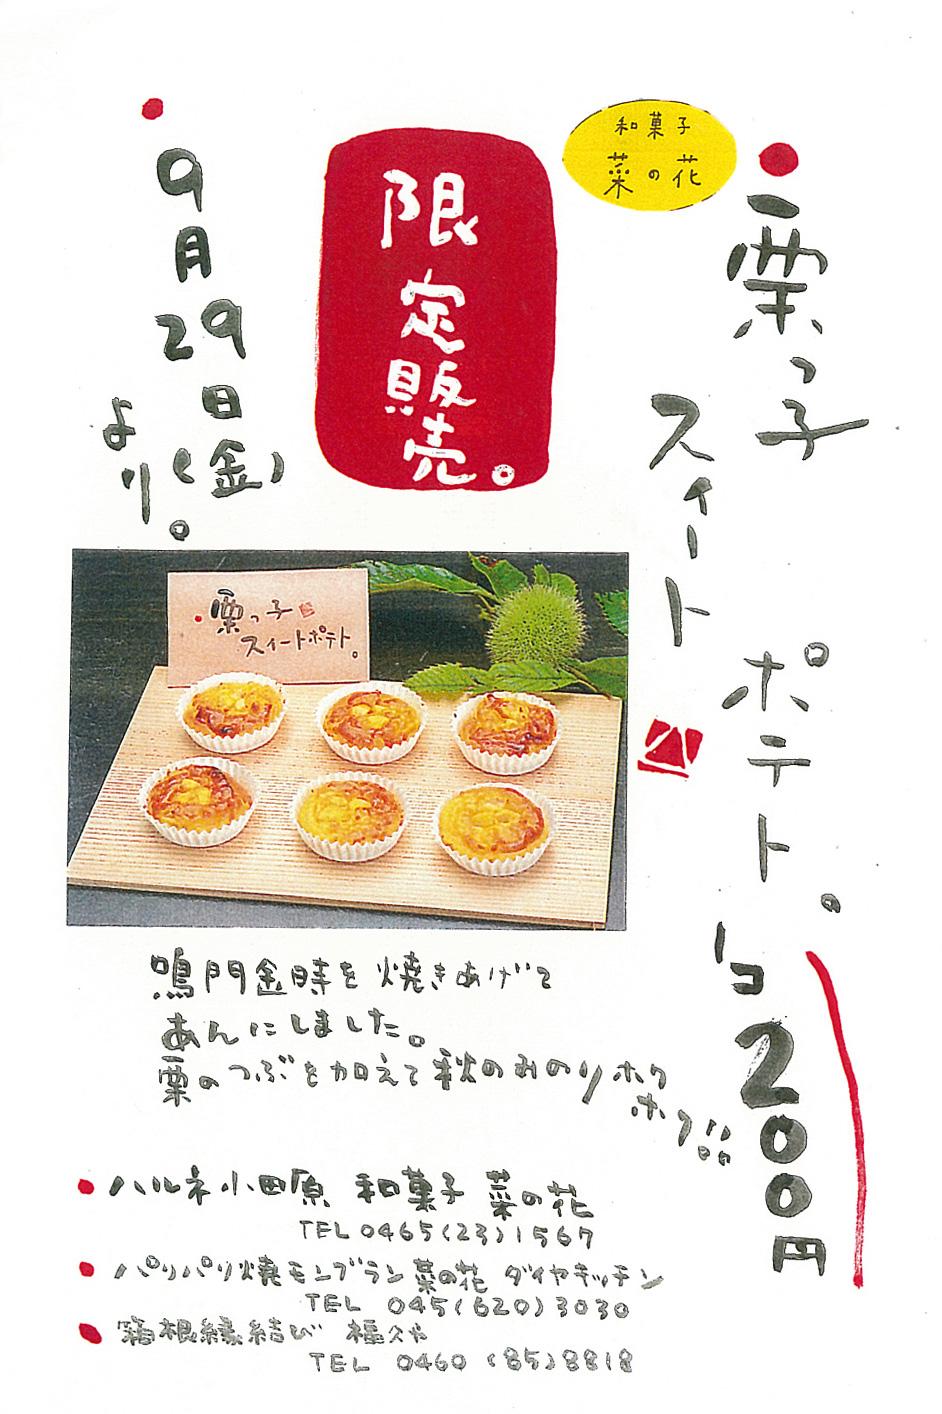 【菜の花ヴィレッジ】新発売!栗っ子スイートポテト